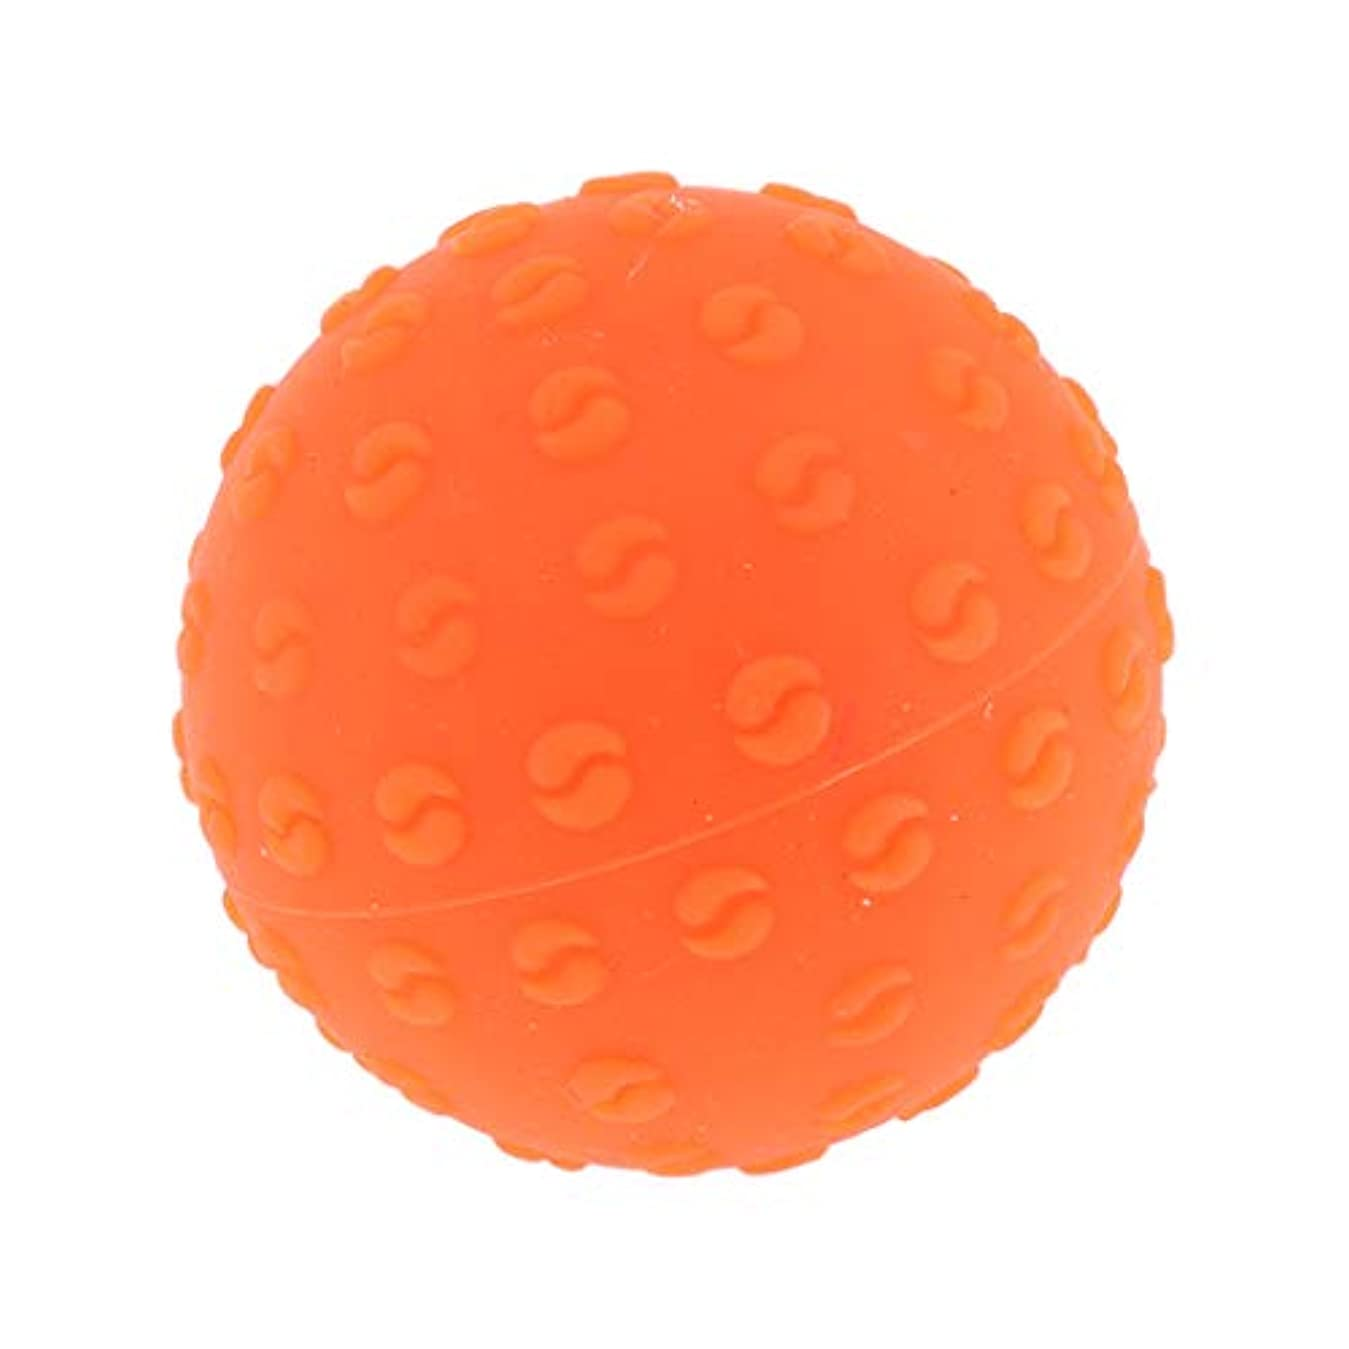 子供達湾柱FLAMEER 全6色 シリコーンマッサージボール 指圧ボール トリガーポイント ヨガ 肩、足、首、腕 解消 耐摩耗 - オレンジ, 説明のとおり